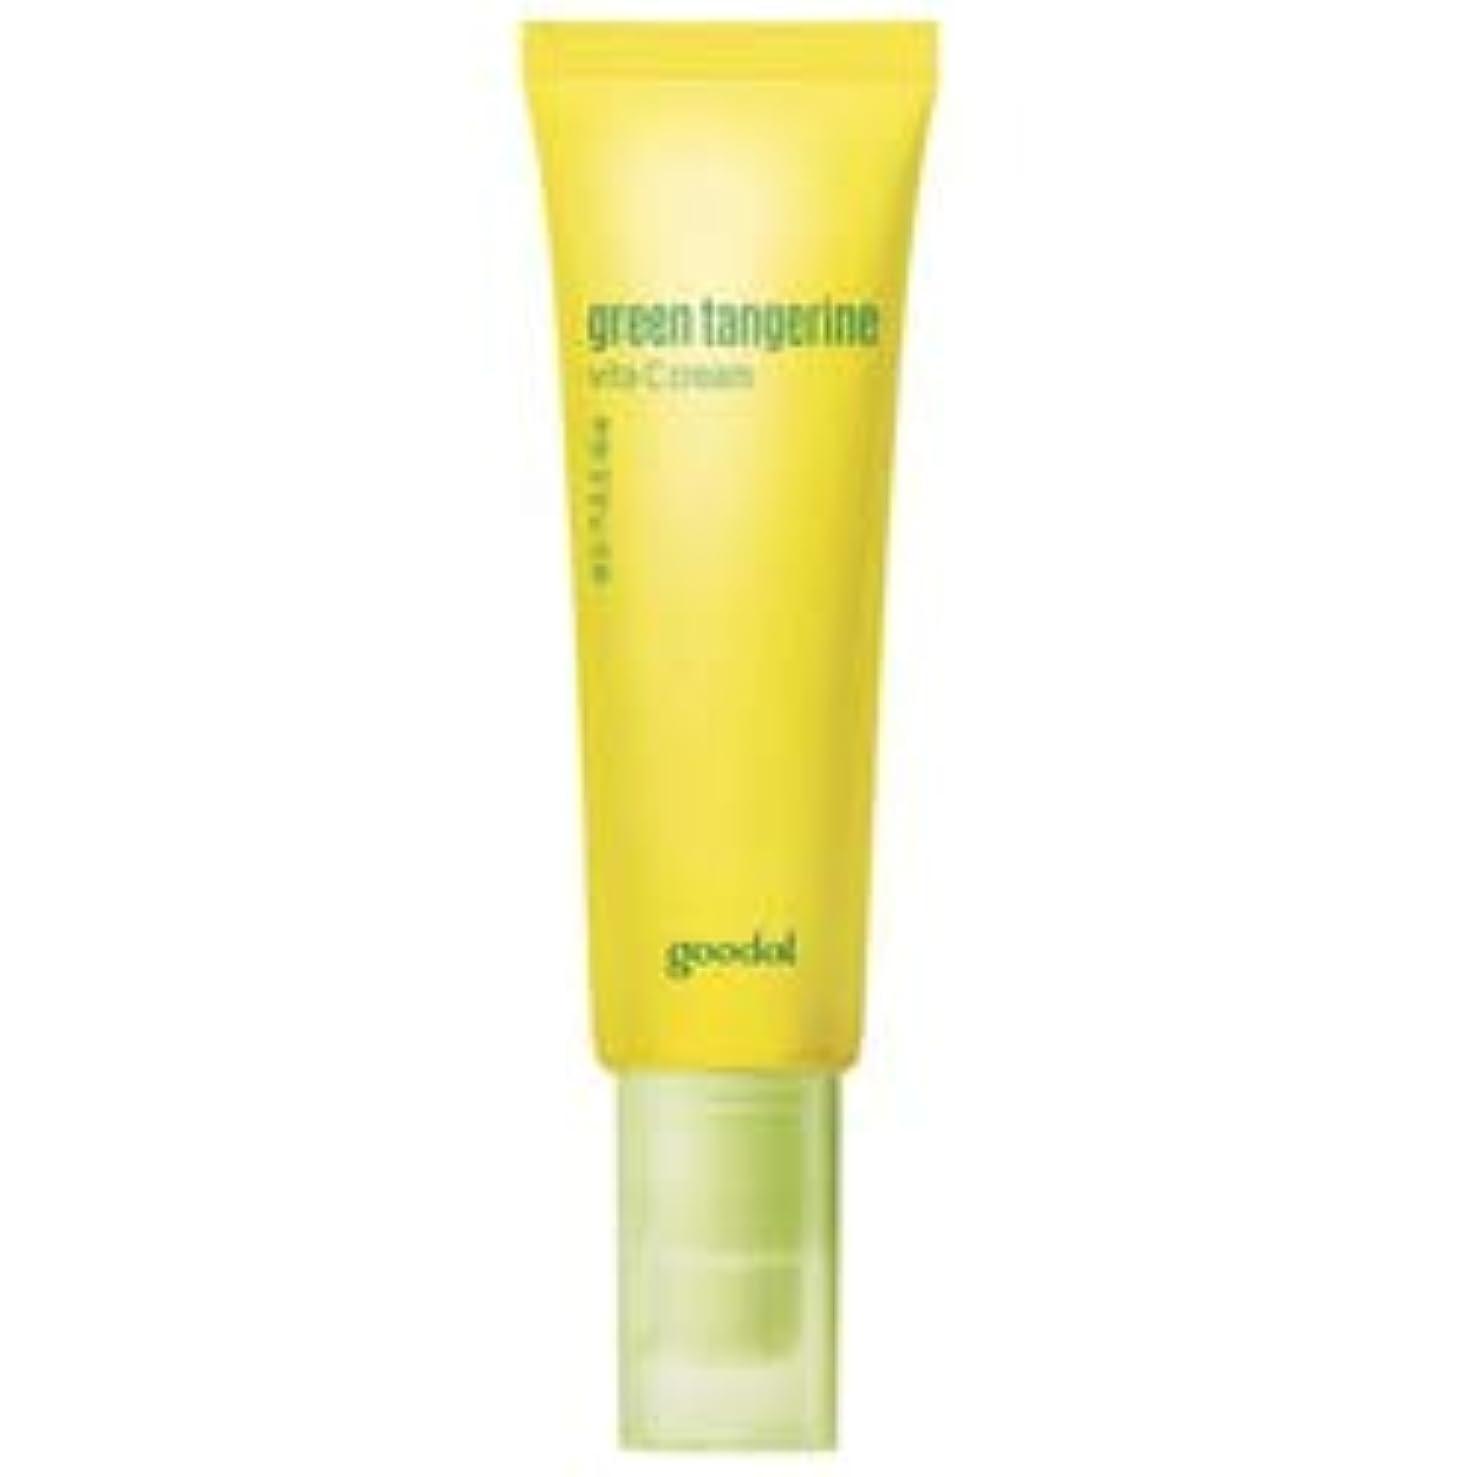 事業内容子年次[goodal] Green Tangerine Vita C cream 50ml / [グーダル]タンジェリン ビタC クリーム 50ml [並行輸入品]